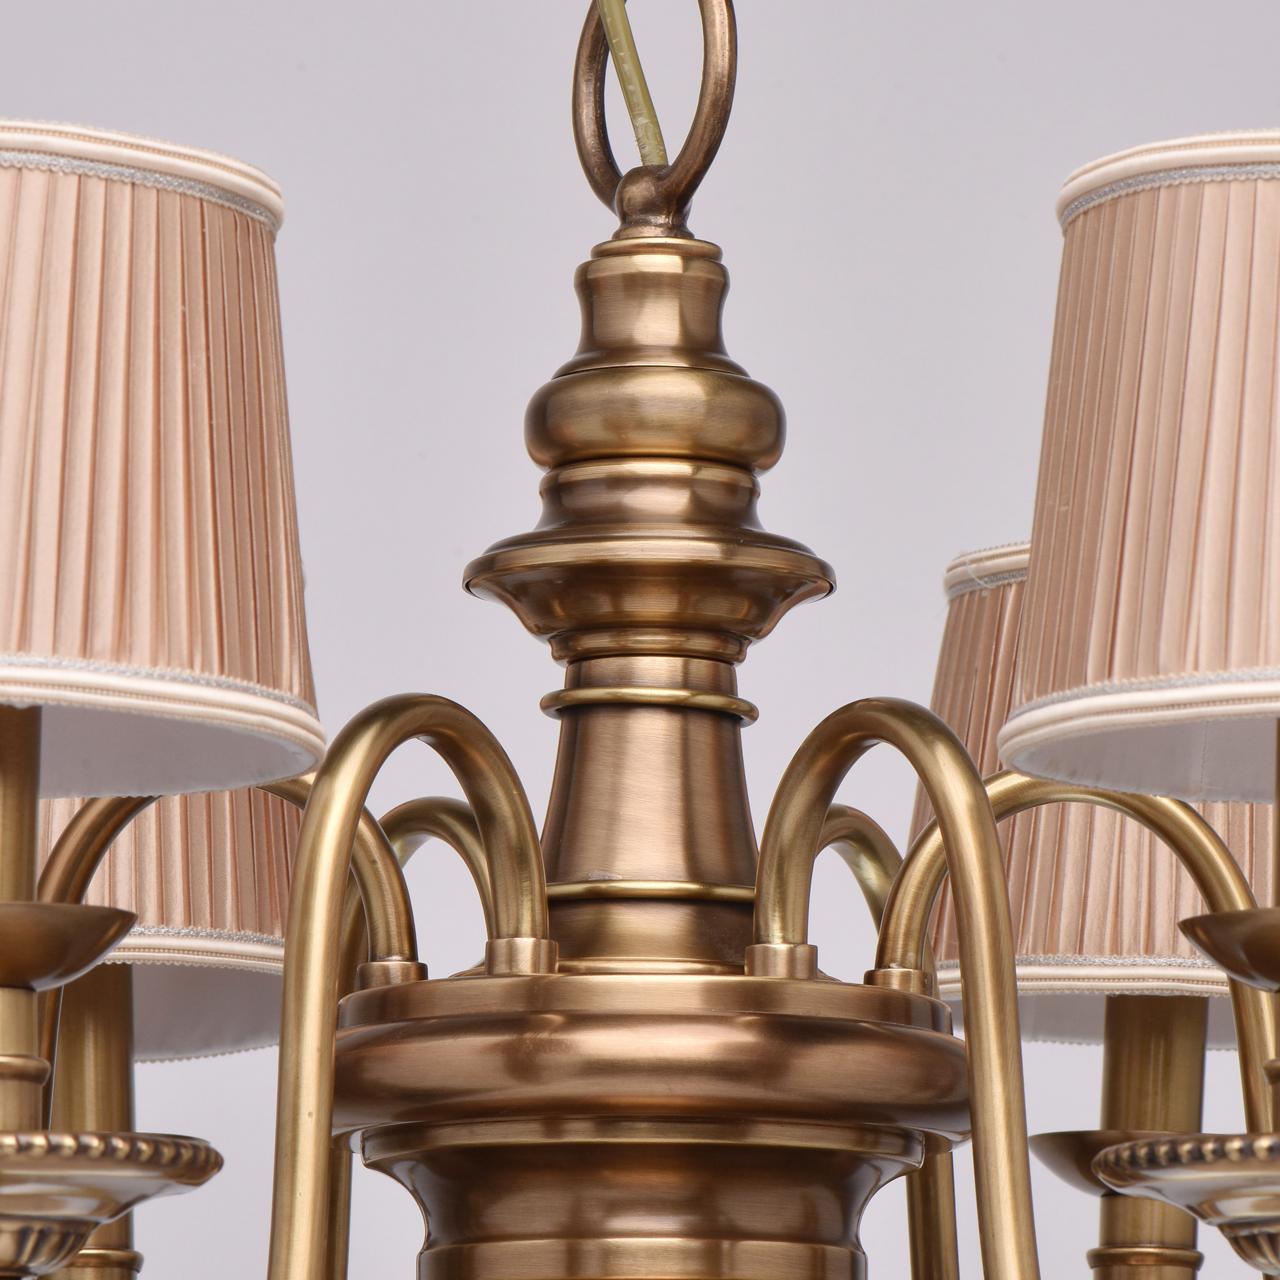 Подвесная люстра Chiaro Паула 411010806, 6xE14x60W, латунь, бежевый, металл, текстиль - фото 14